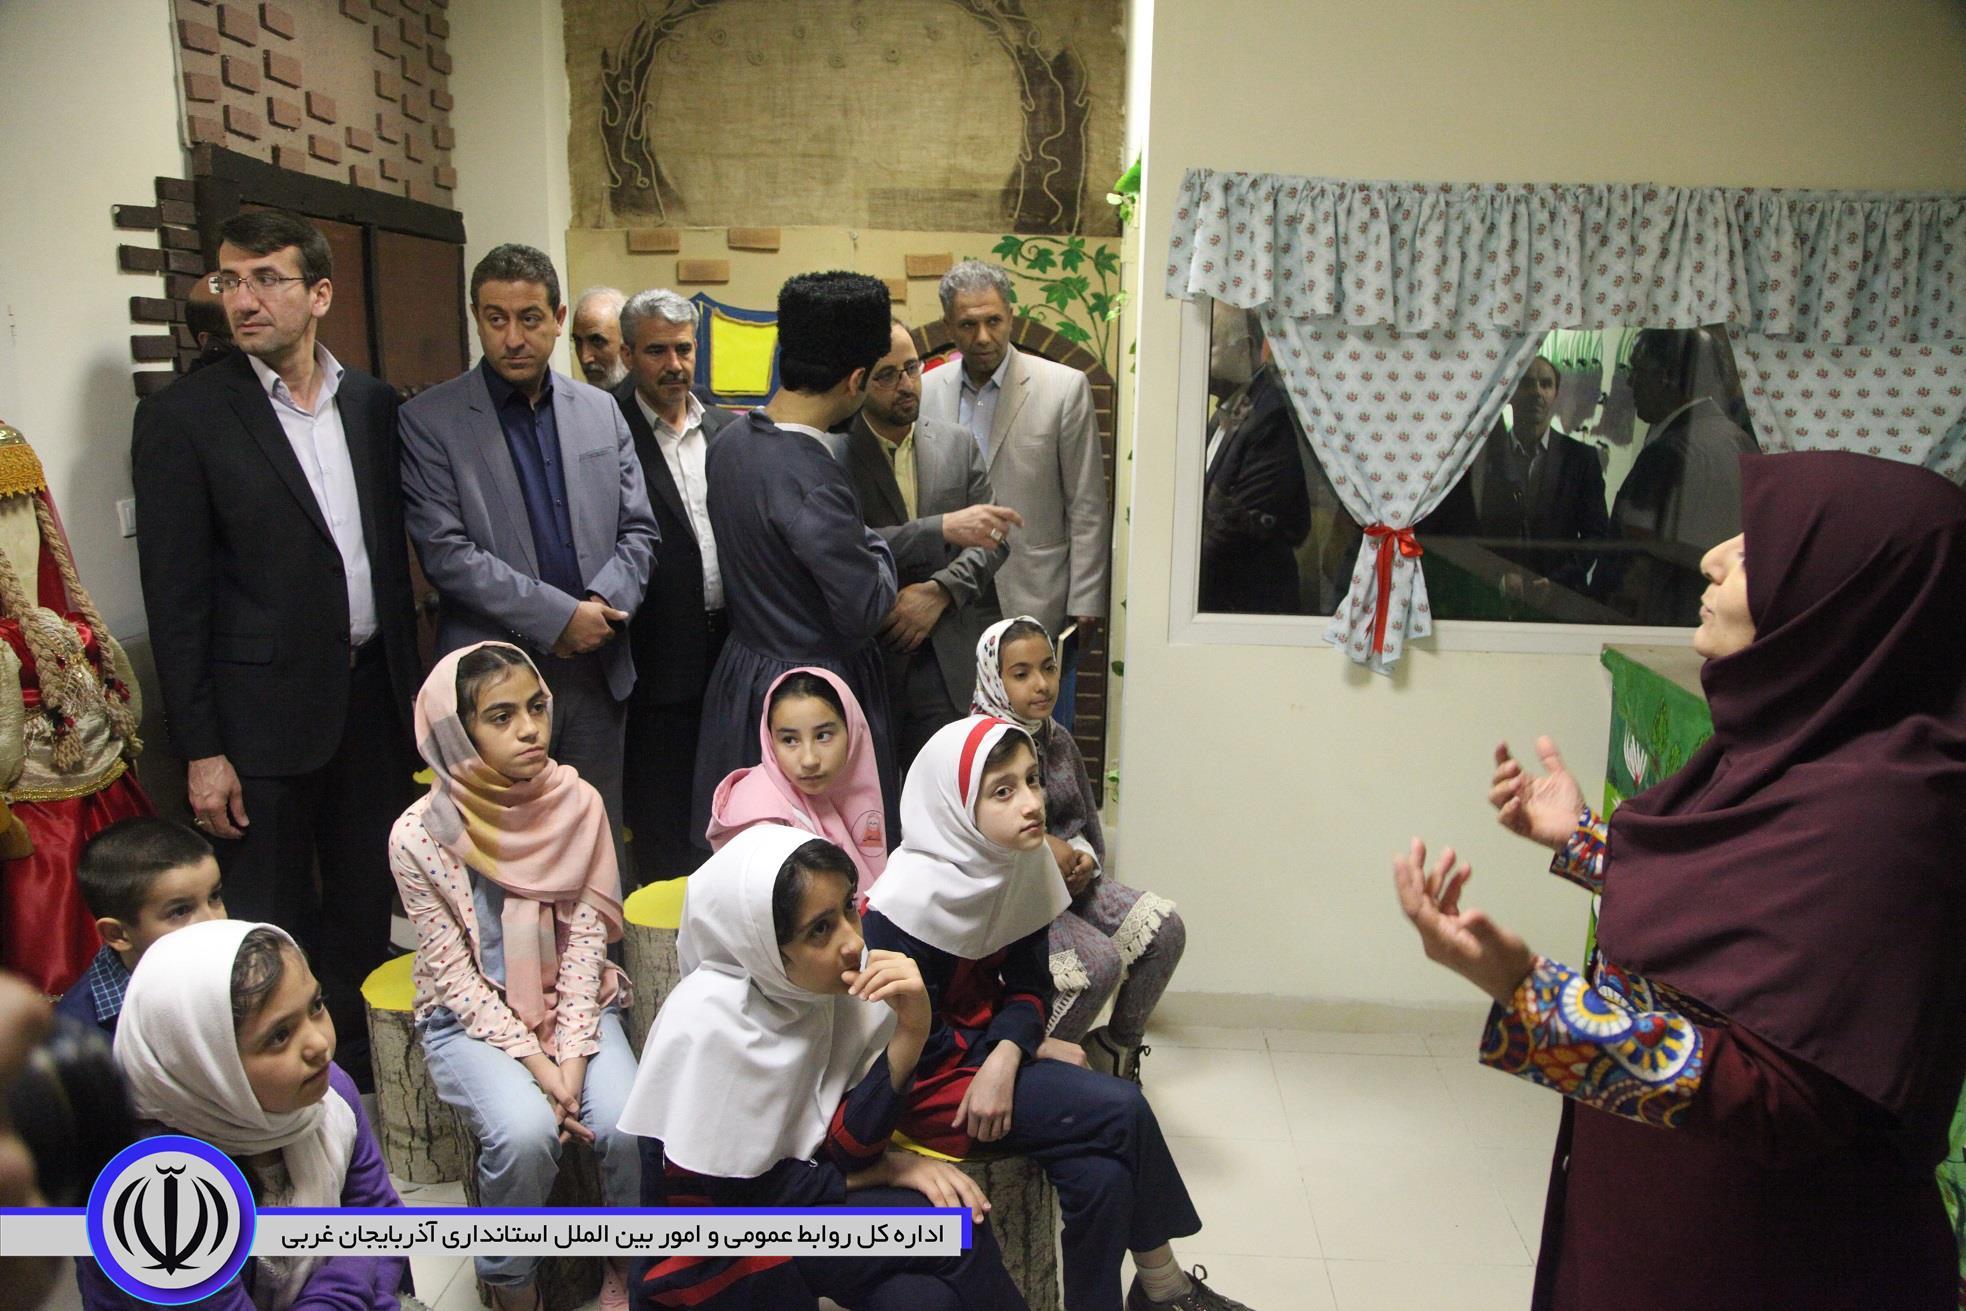 موزه کودک با حضورفاضل نظری مدیرعامل کانون پرورش فکری کودکان و نوجوانان کشوردر ارومیه  افتتاح شد 2